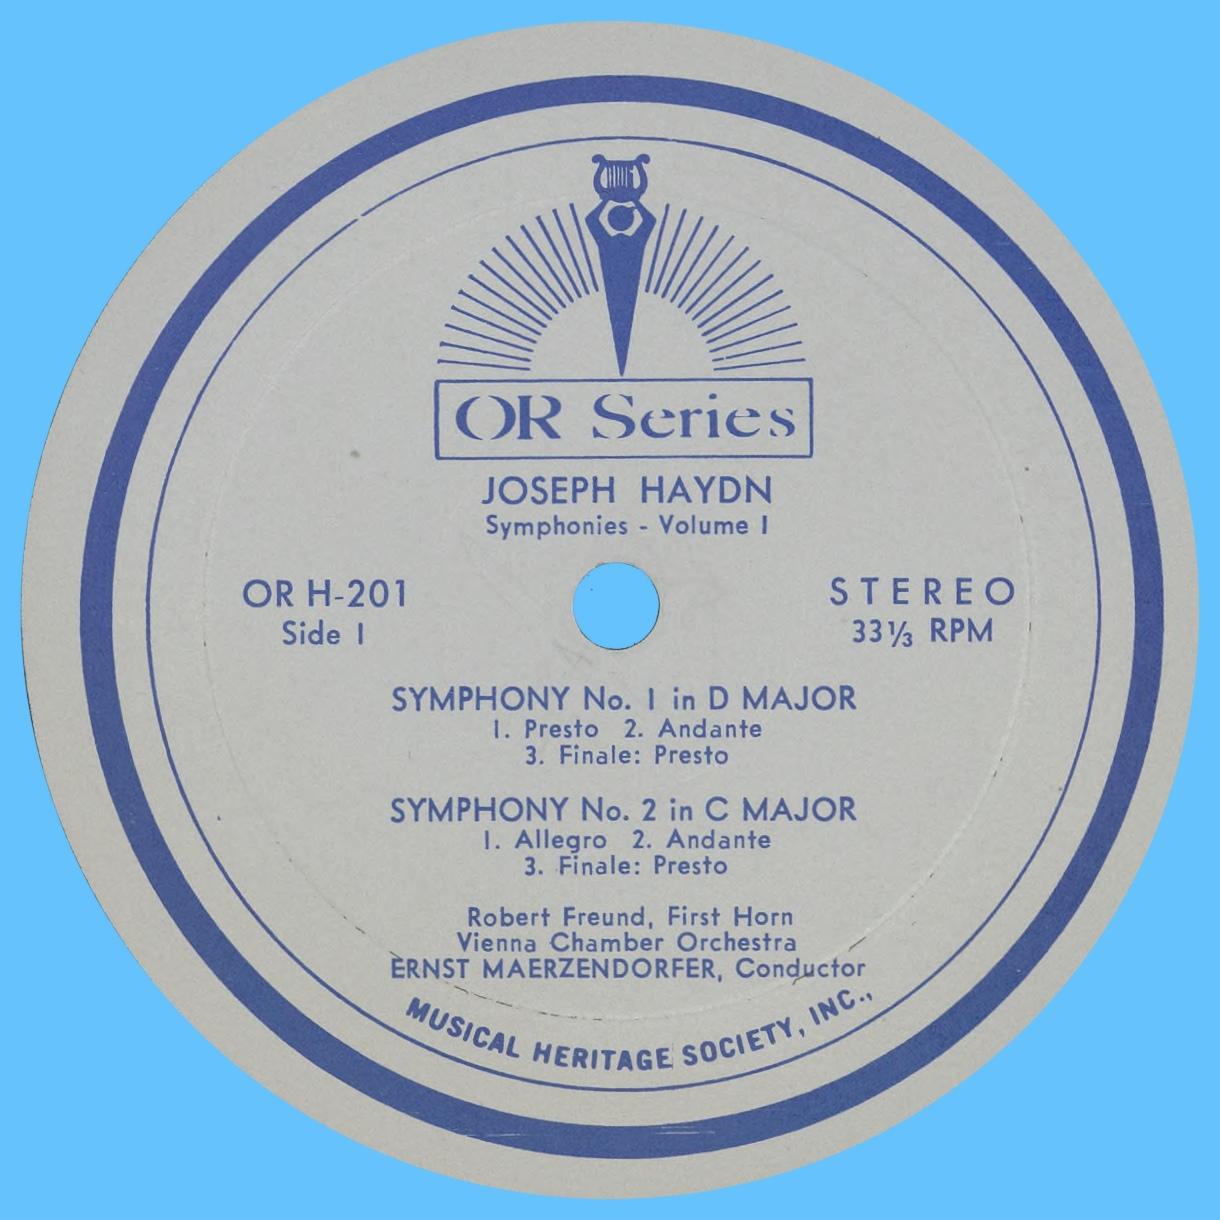 Étiquette recto du disque MHS Orpheus OR H-101